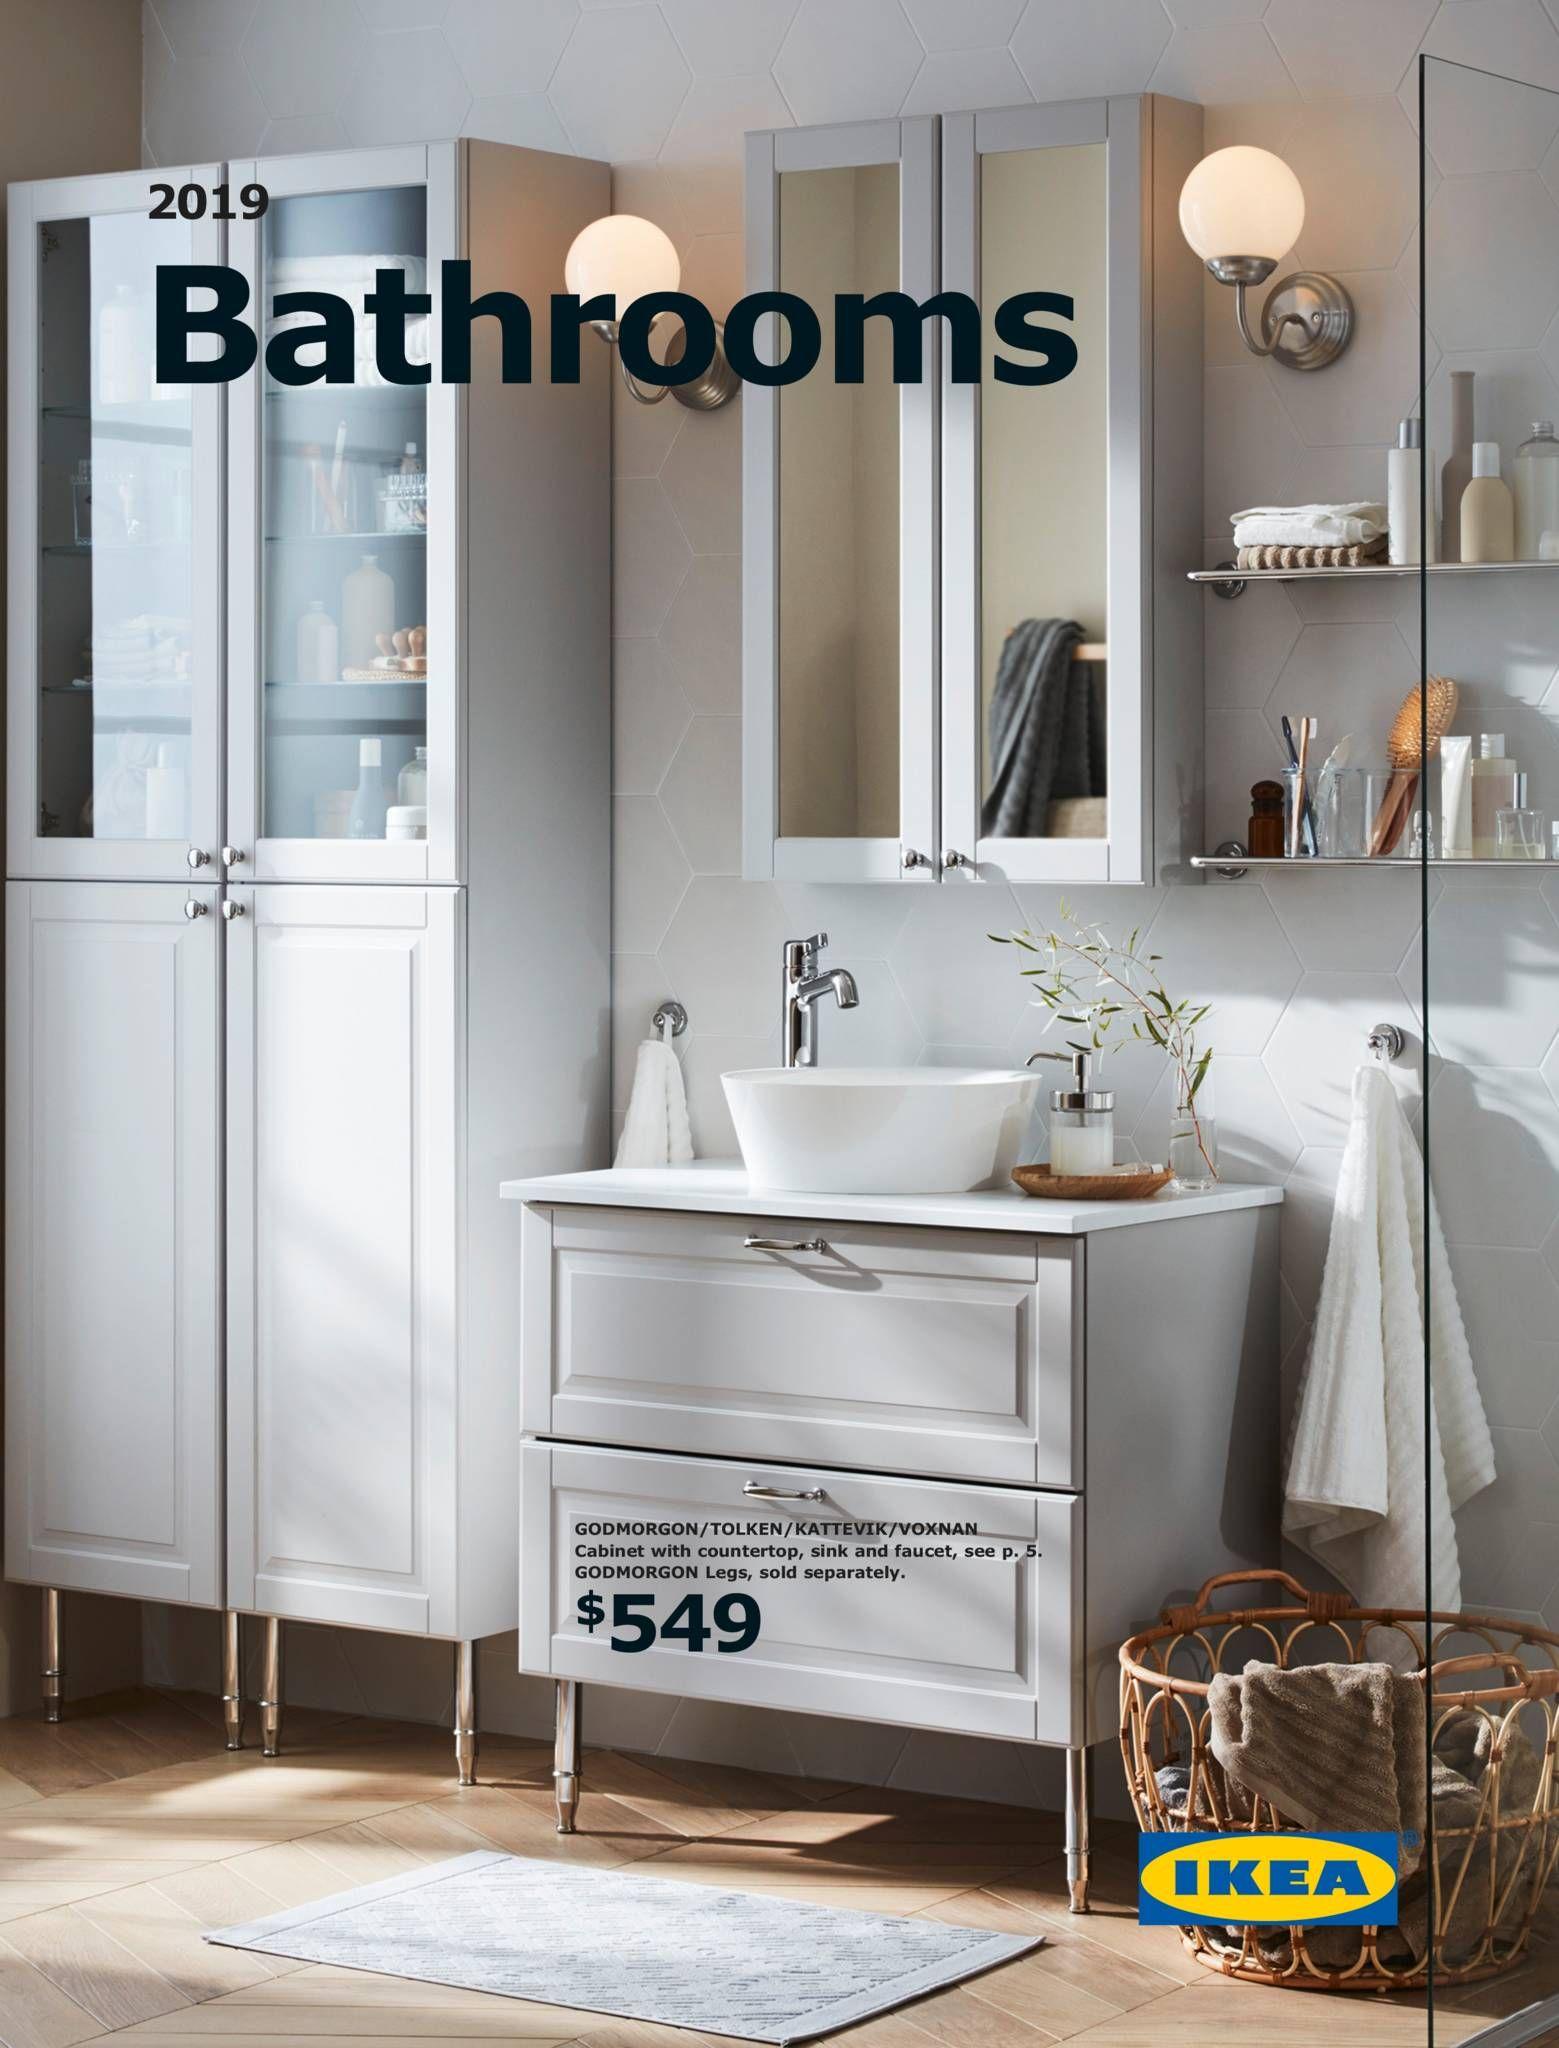 BATHROOM 9 - IKEA Bathroom Brochure 9  Fitted bathroom